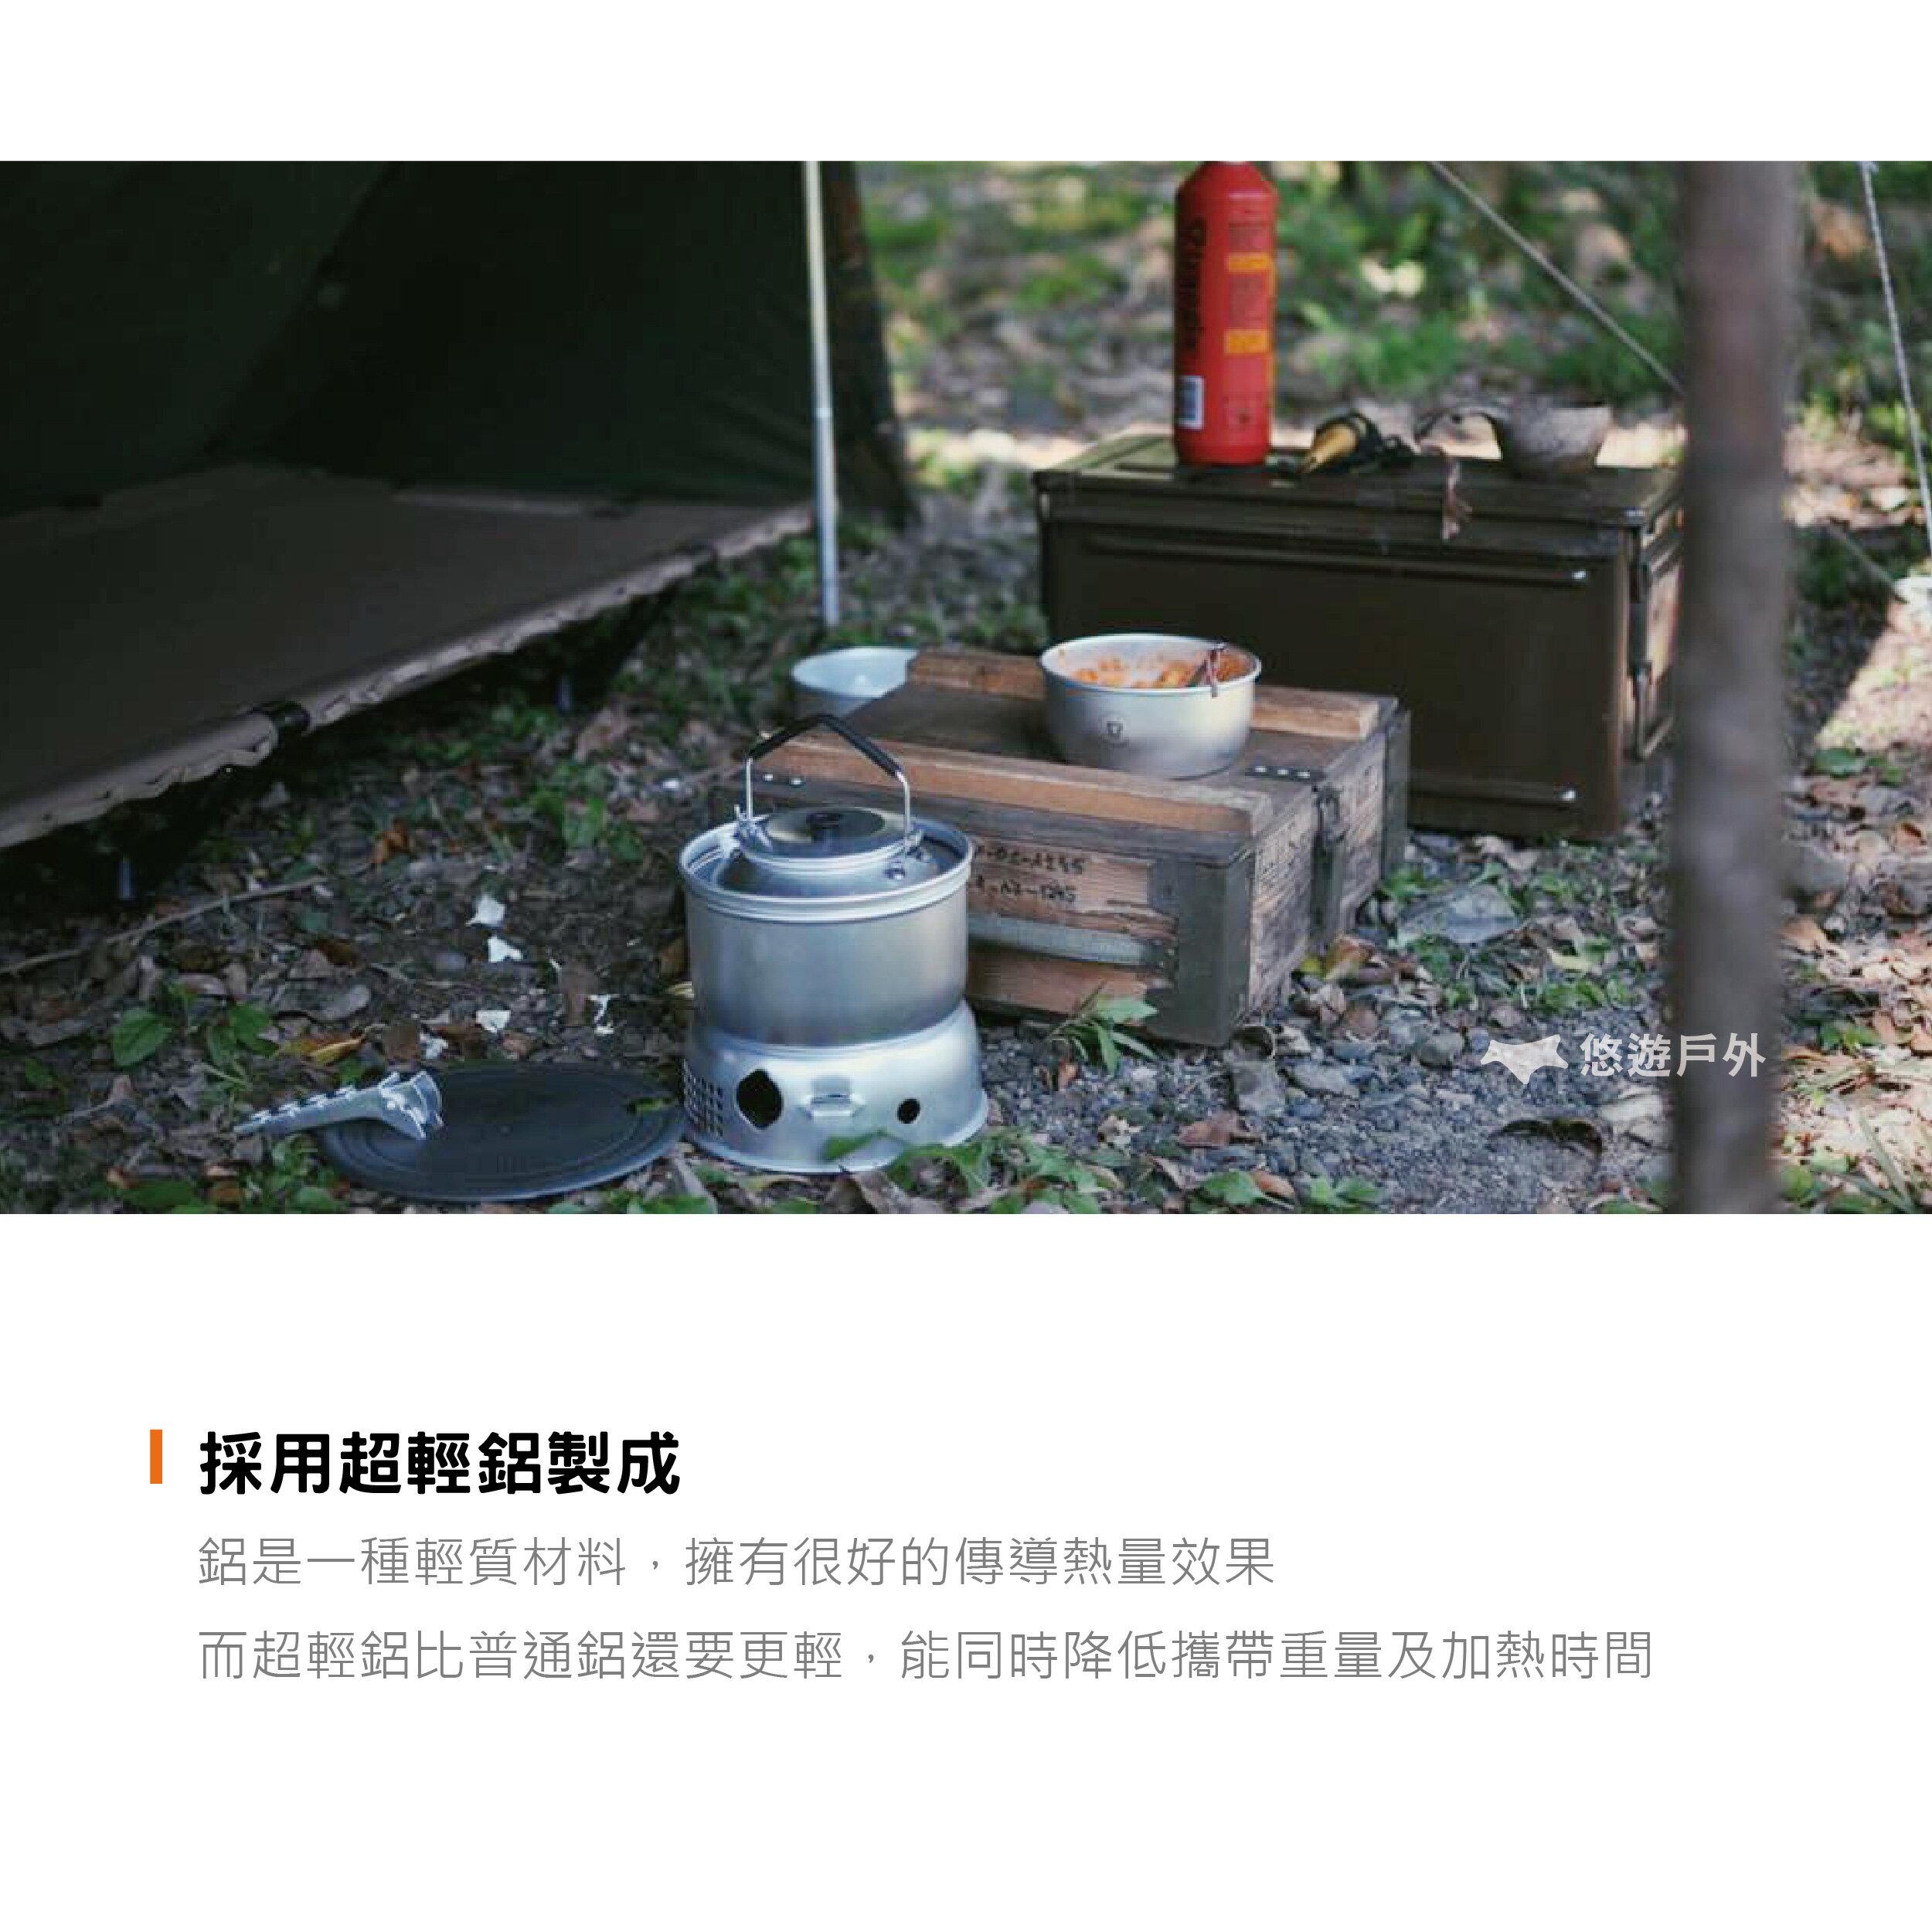 【公司貨】Trangia Kettle325 超輕鋁水壺 0.6L 燒水壺 露營 野餐 茶壺【悠遊戶外】